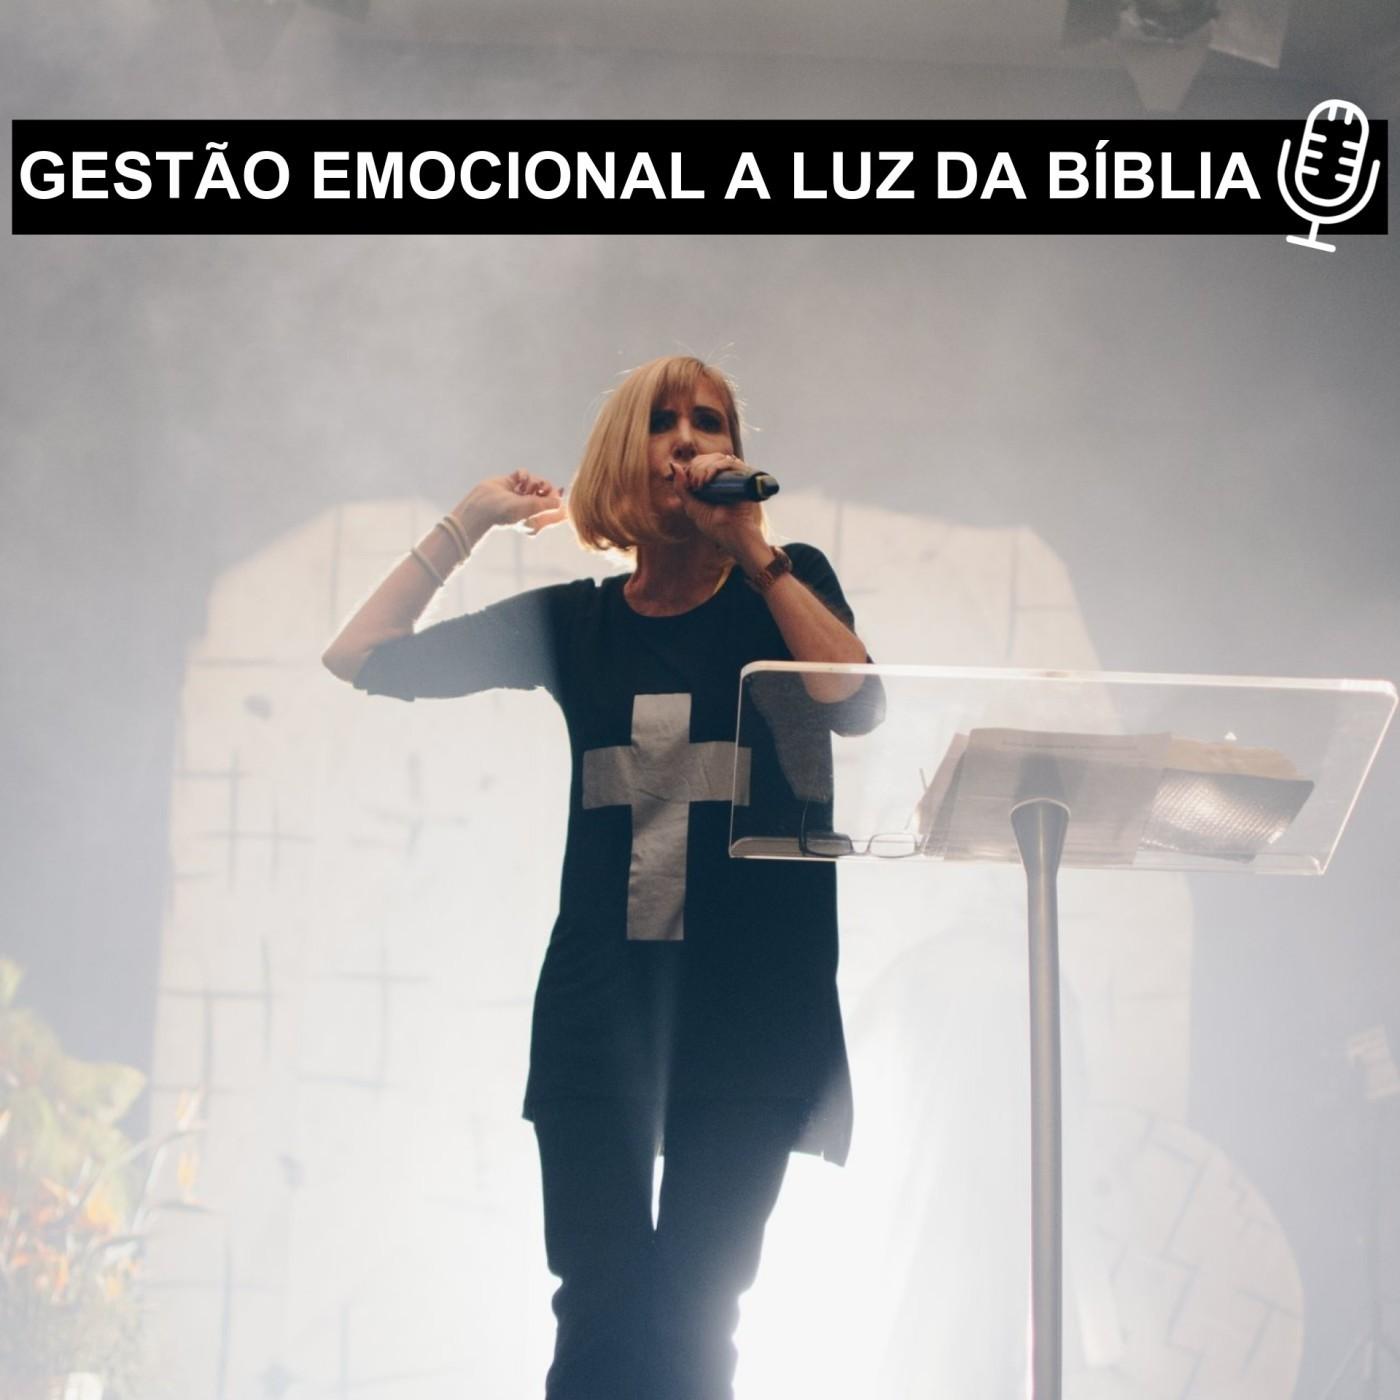 Pastora Nayra Pedrini